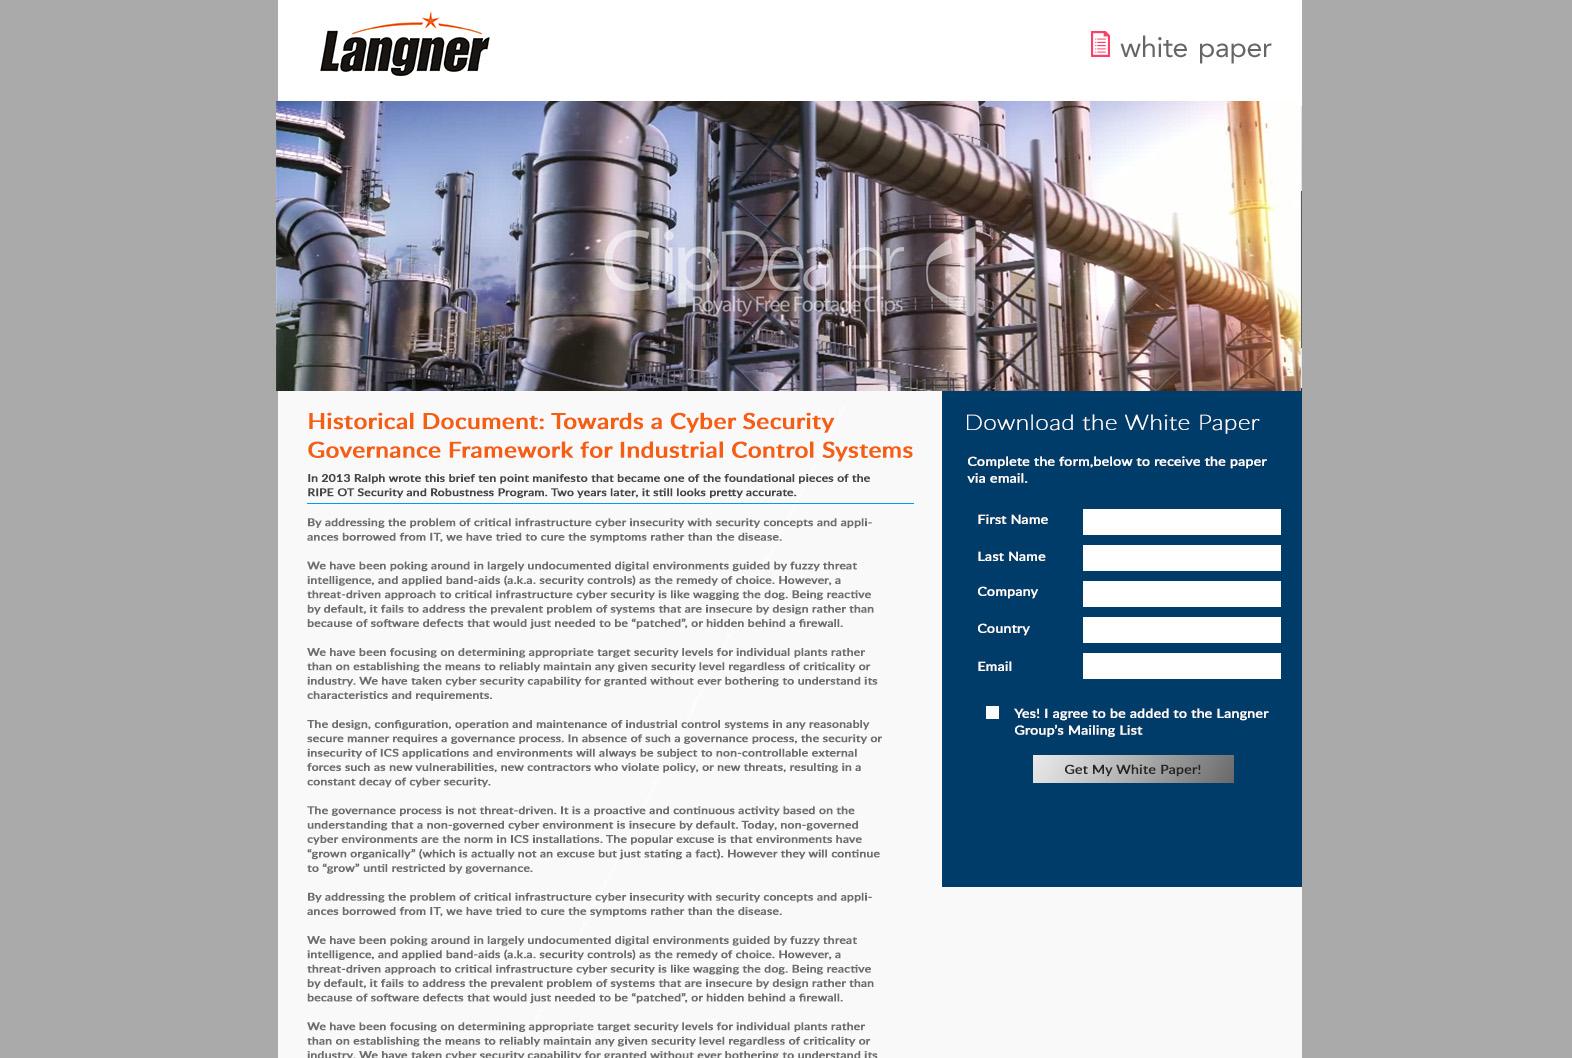 langner landing page1